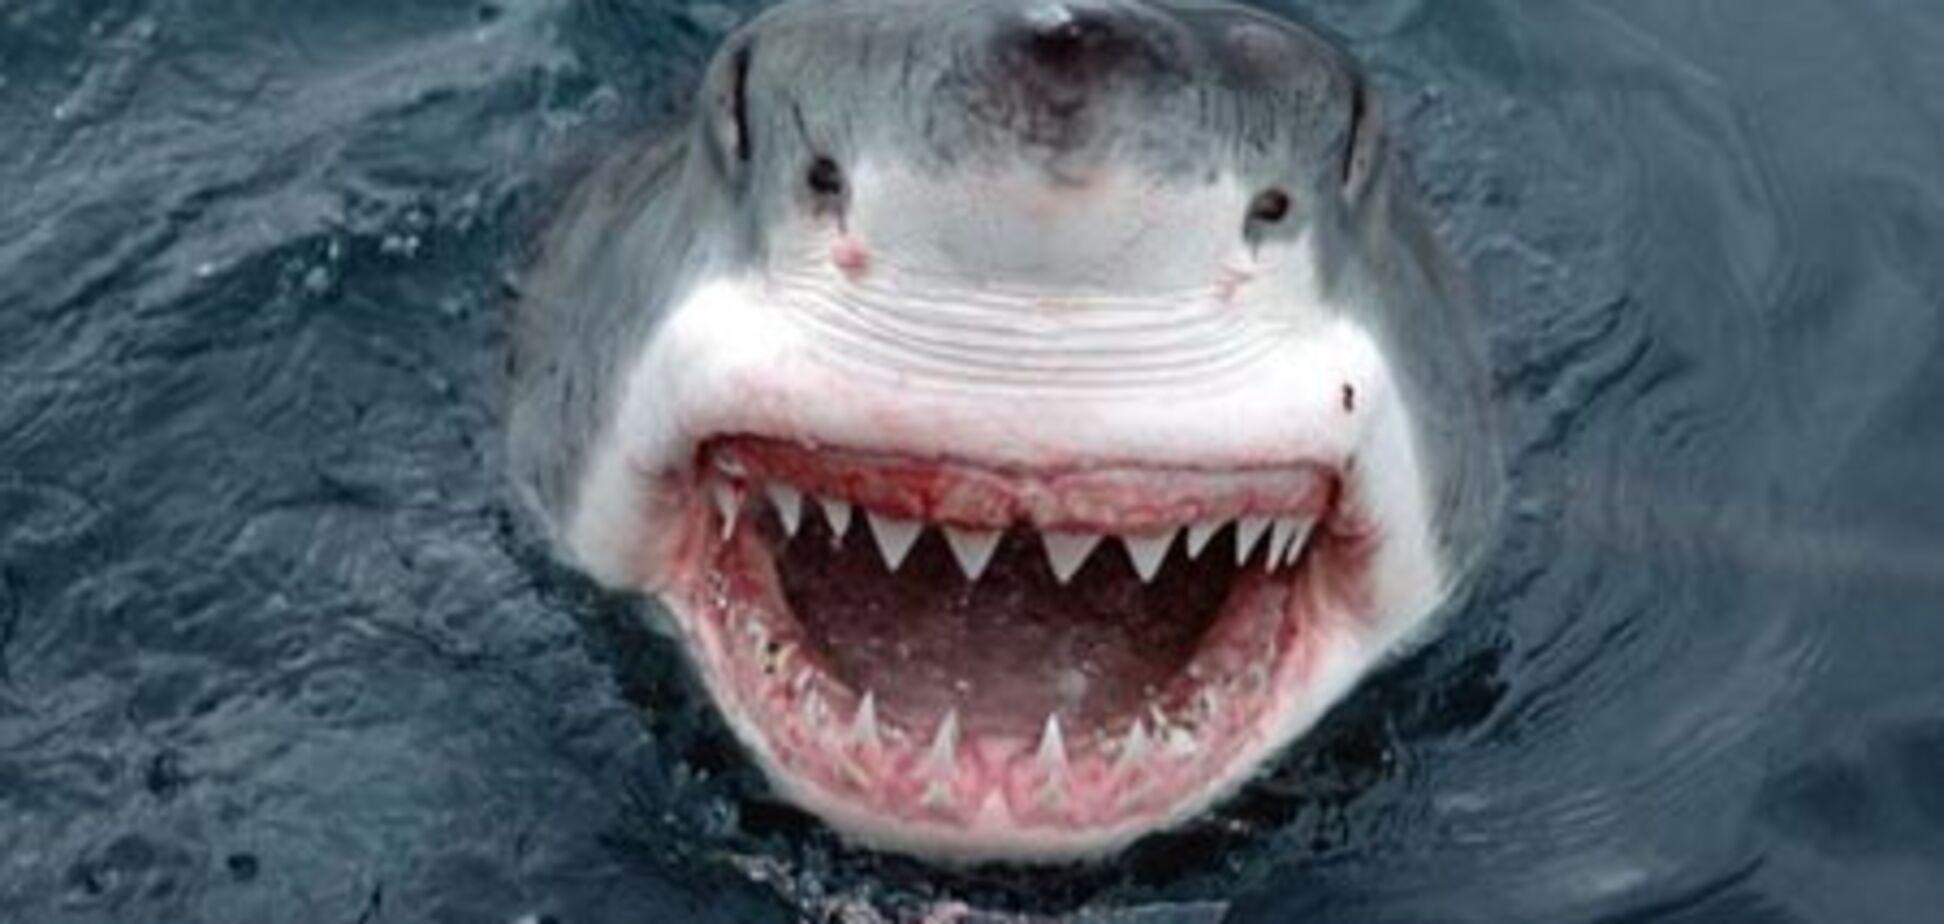 На вулицях затопленого австралійського міста з'явилися акули